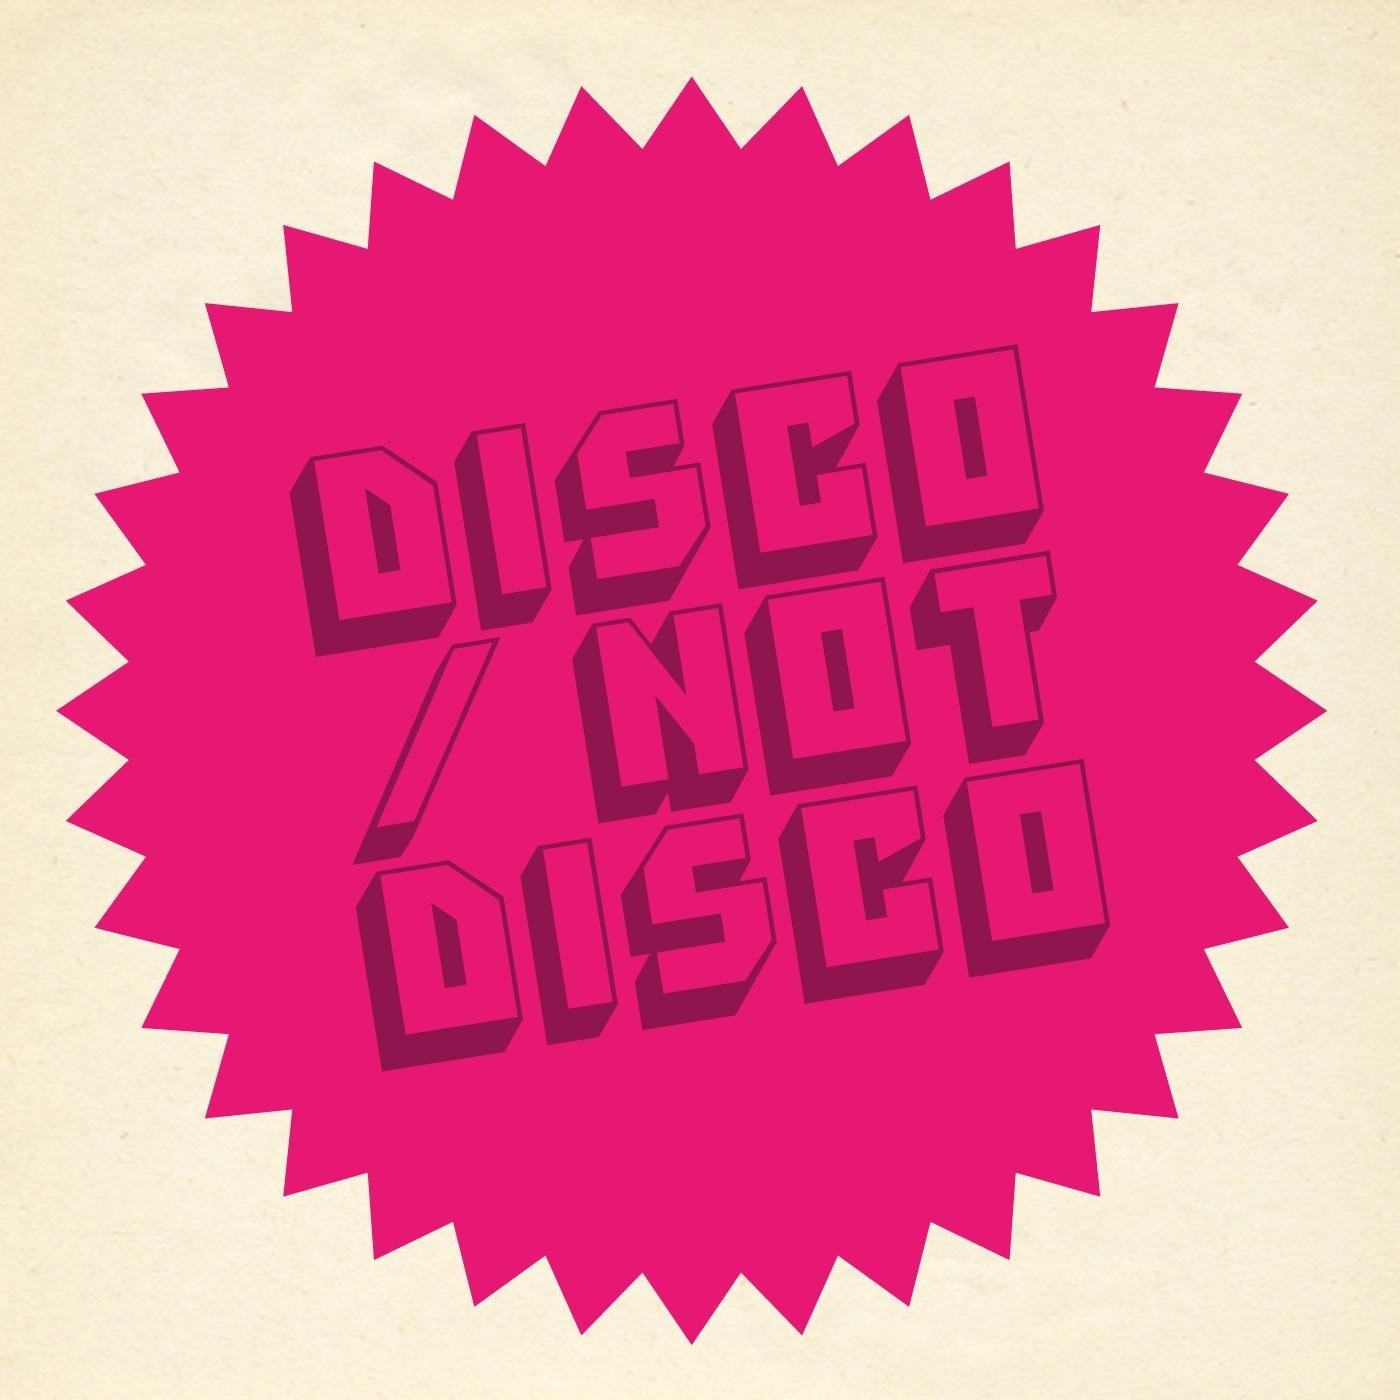 Disco / Not Disco